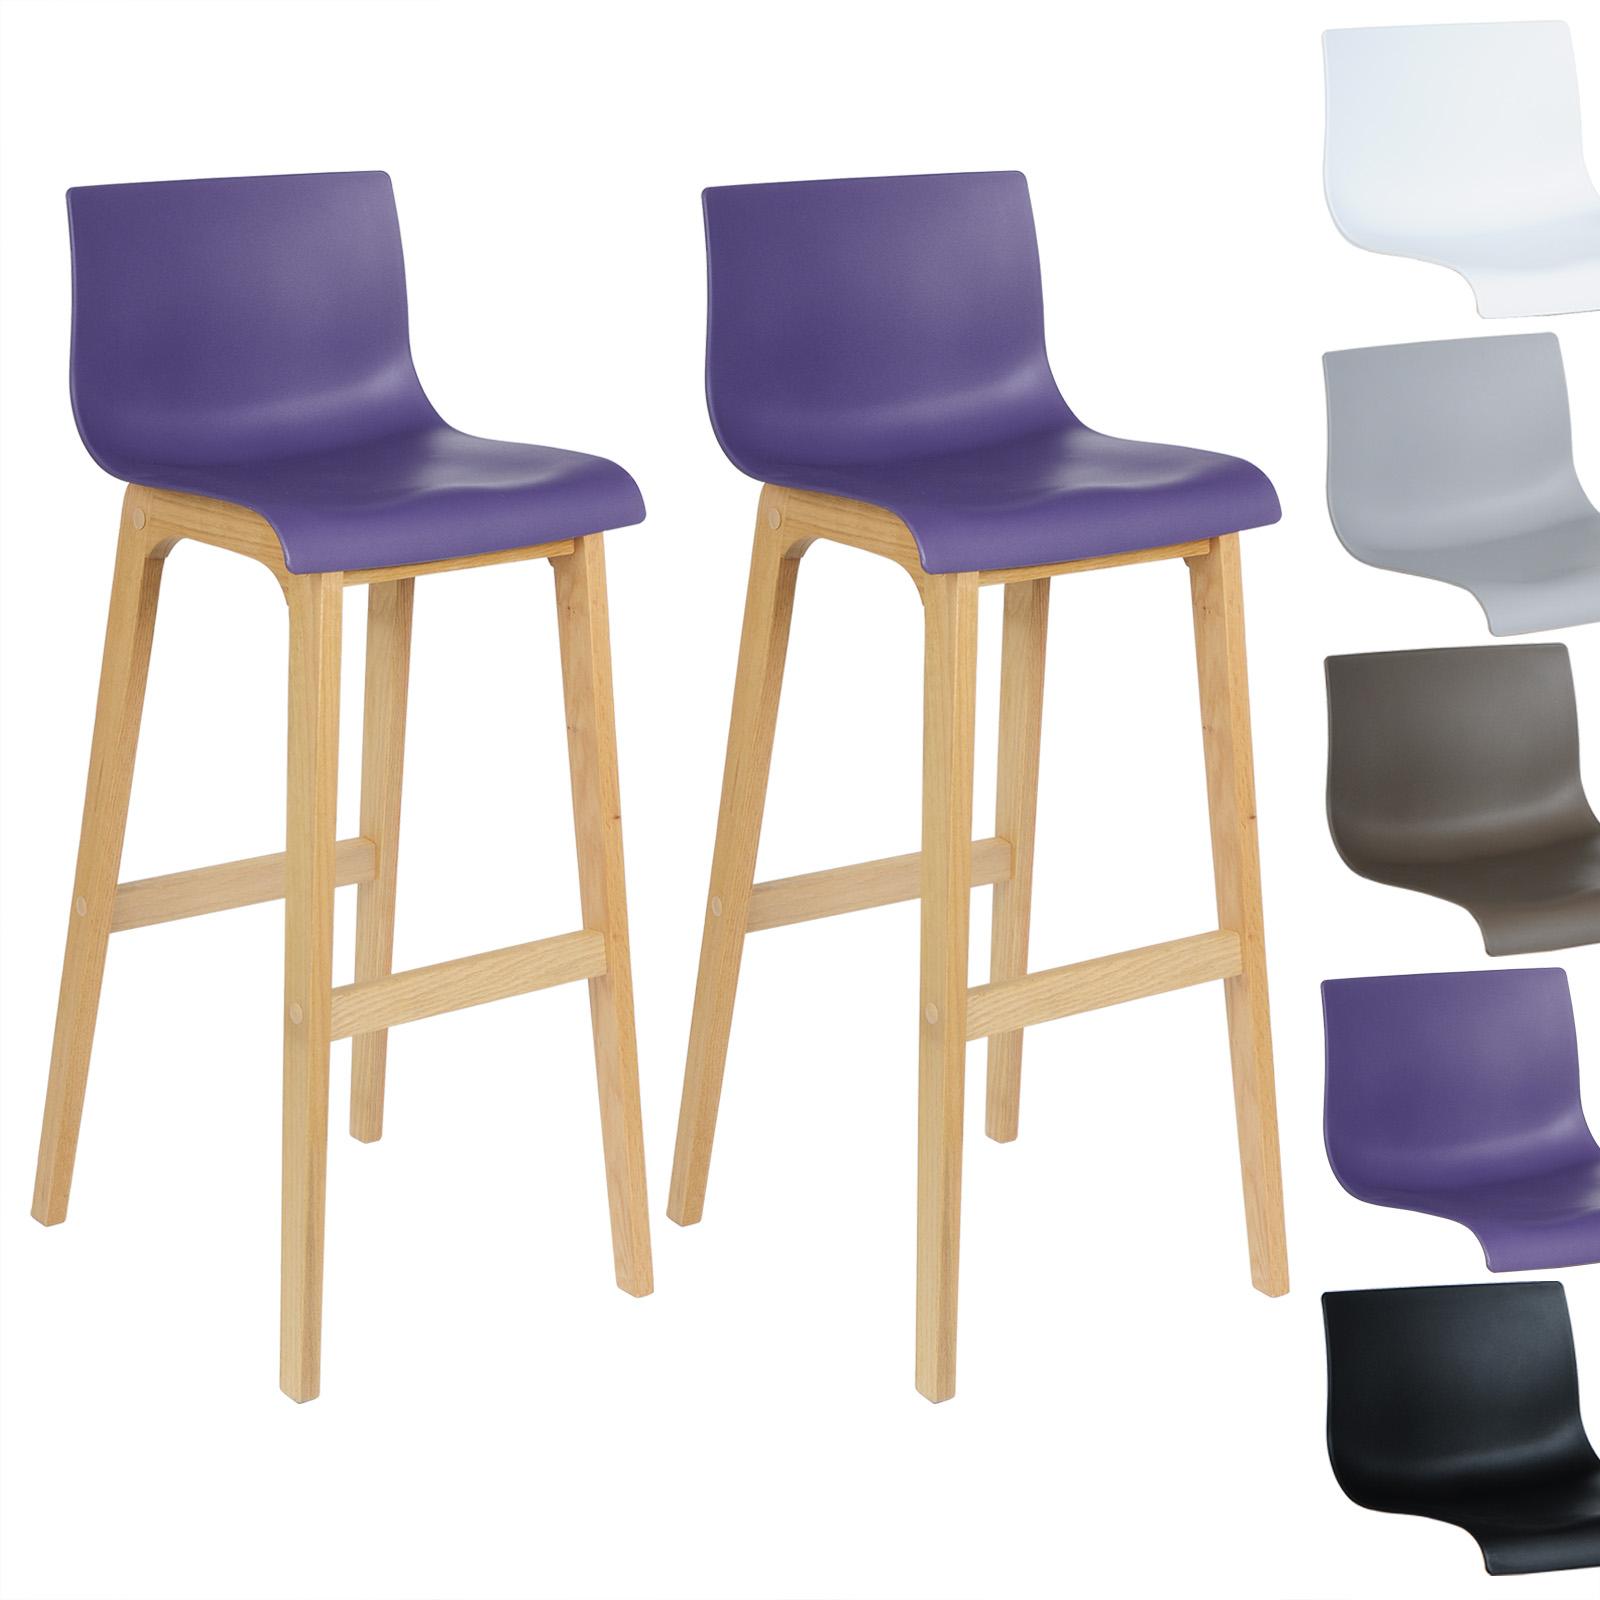 Tabouret de bar lot de 2 en plastique chaise en bois avec